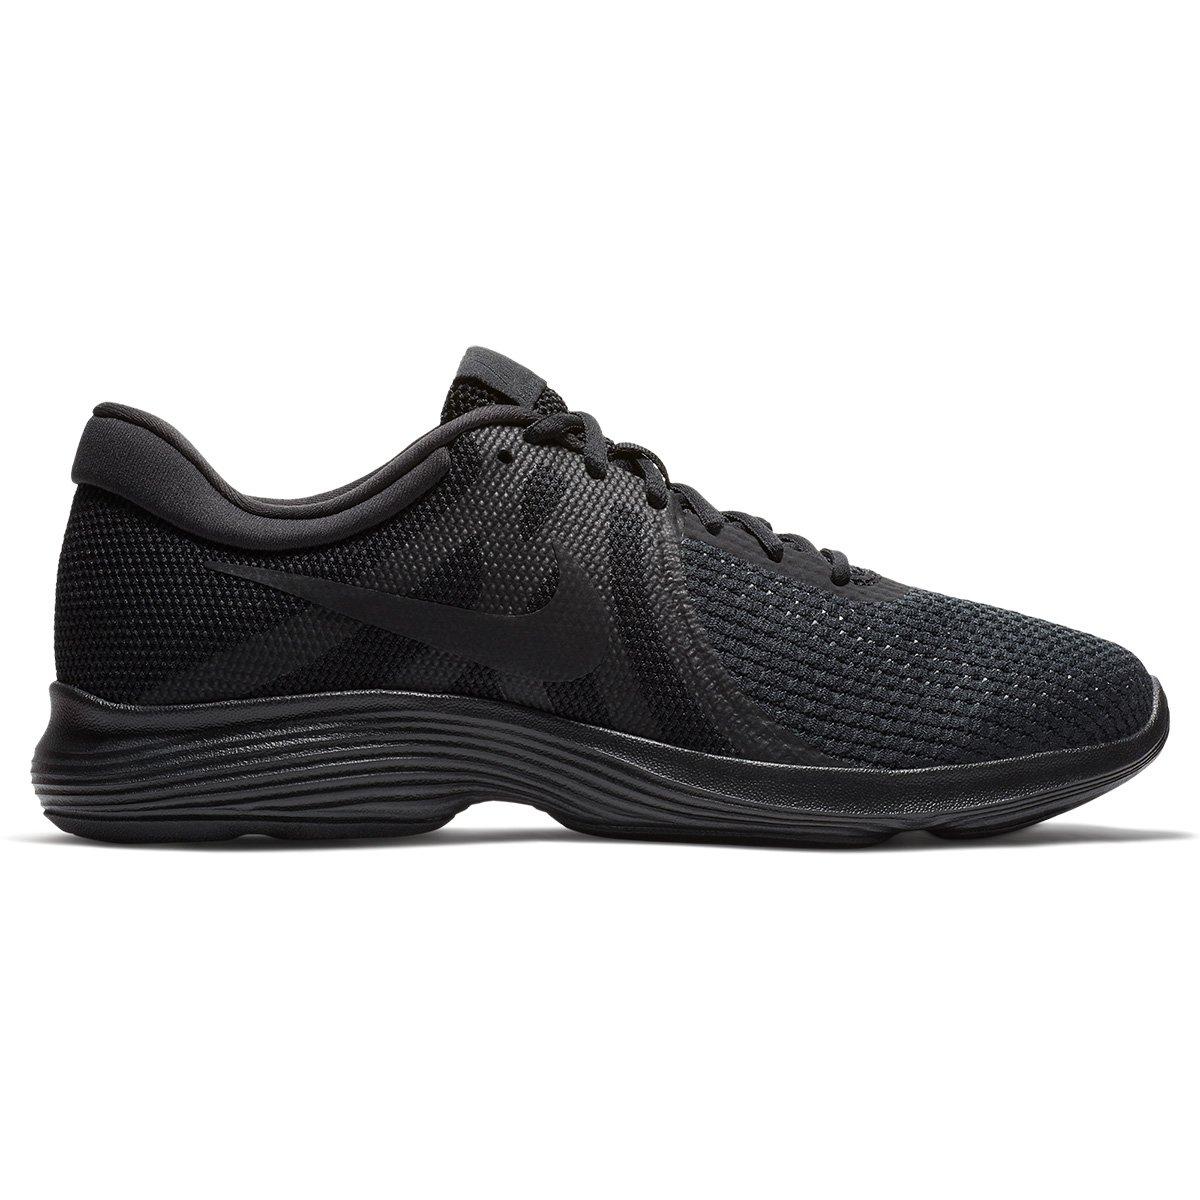 75bc28d9a8ea5 Tênis Nike Masculinos - Melhores Preços